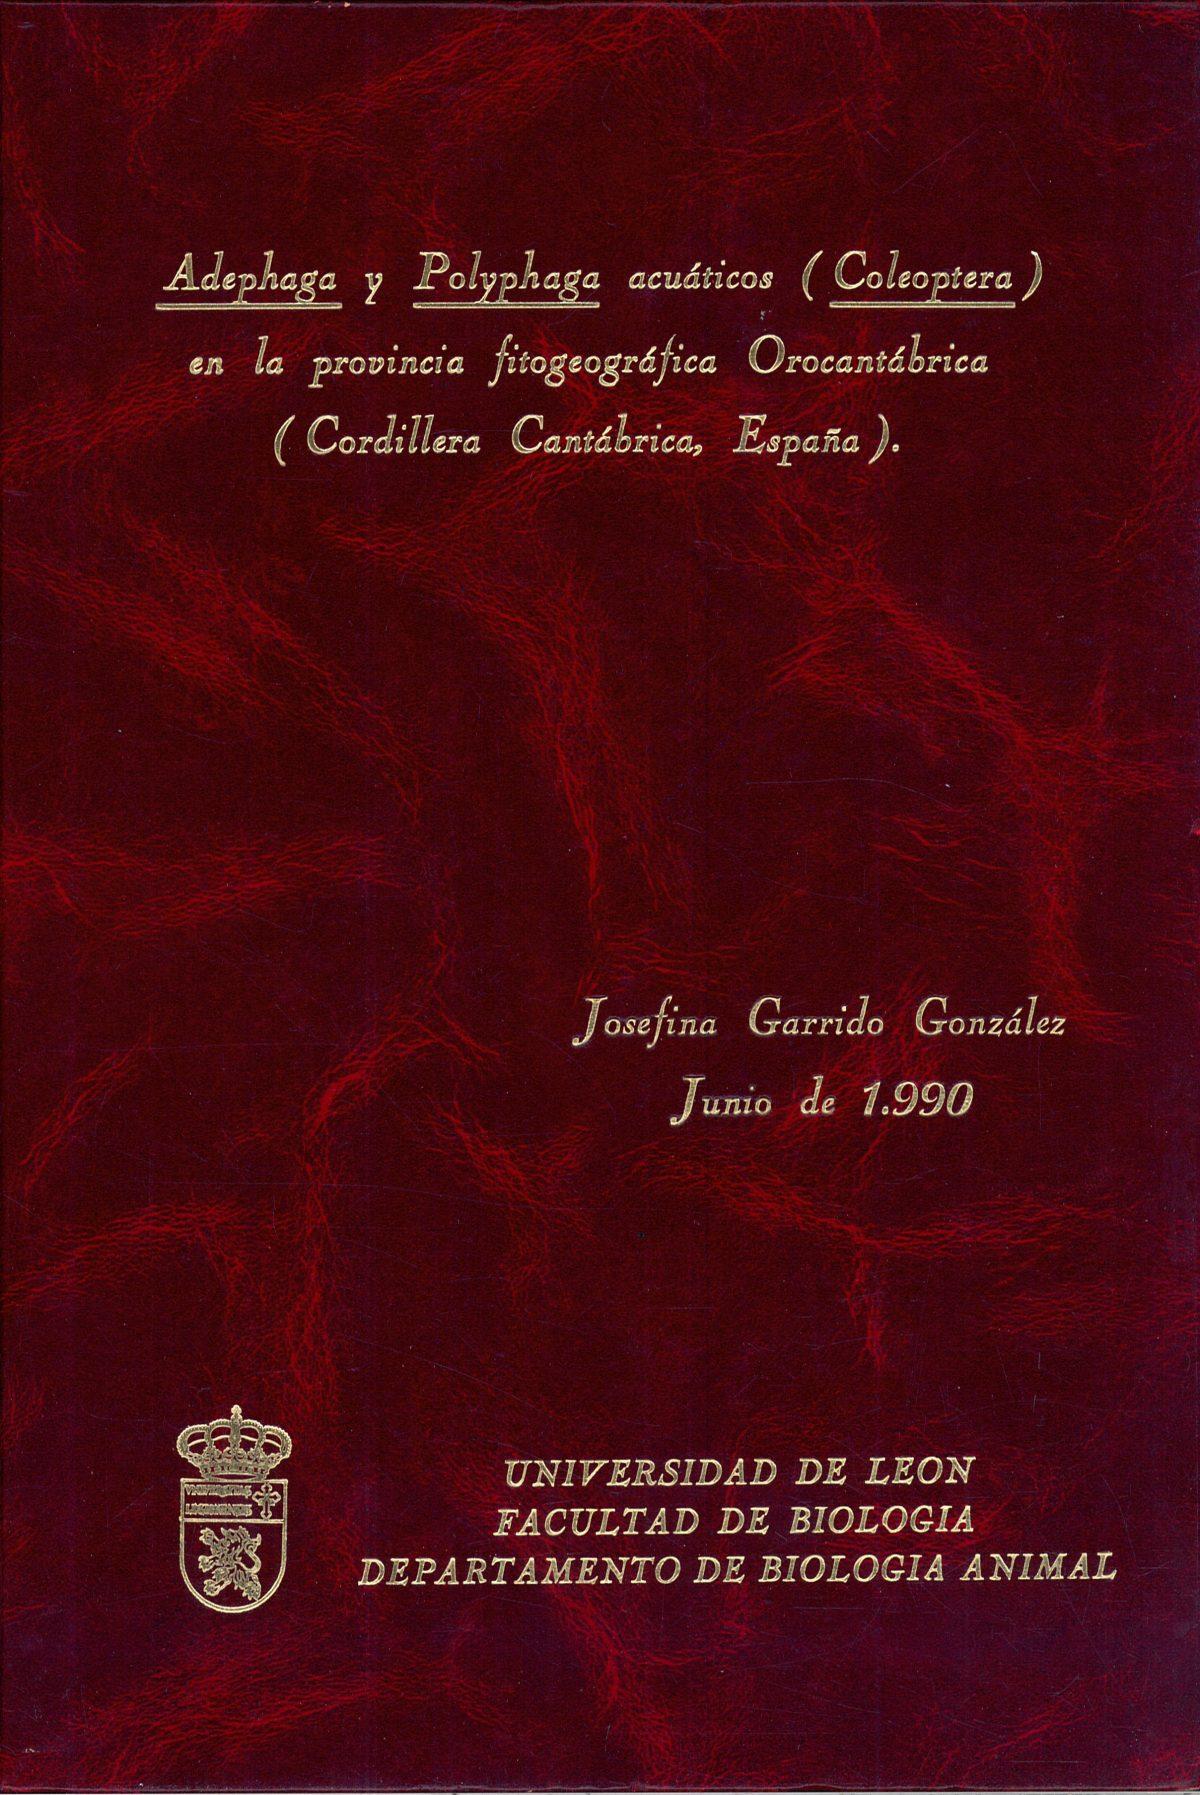 «Adephaga y Polyphaga acuáticos (Coleoptera) en la provincia fitogeográfica Orocantábrica (Cordillera Cantábrica, España)»